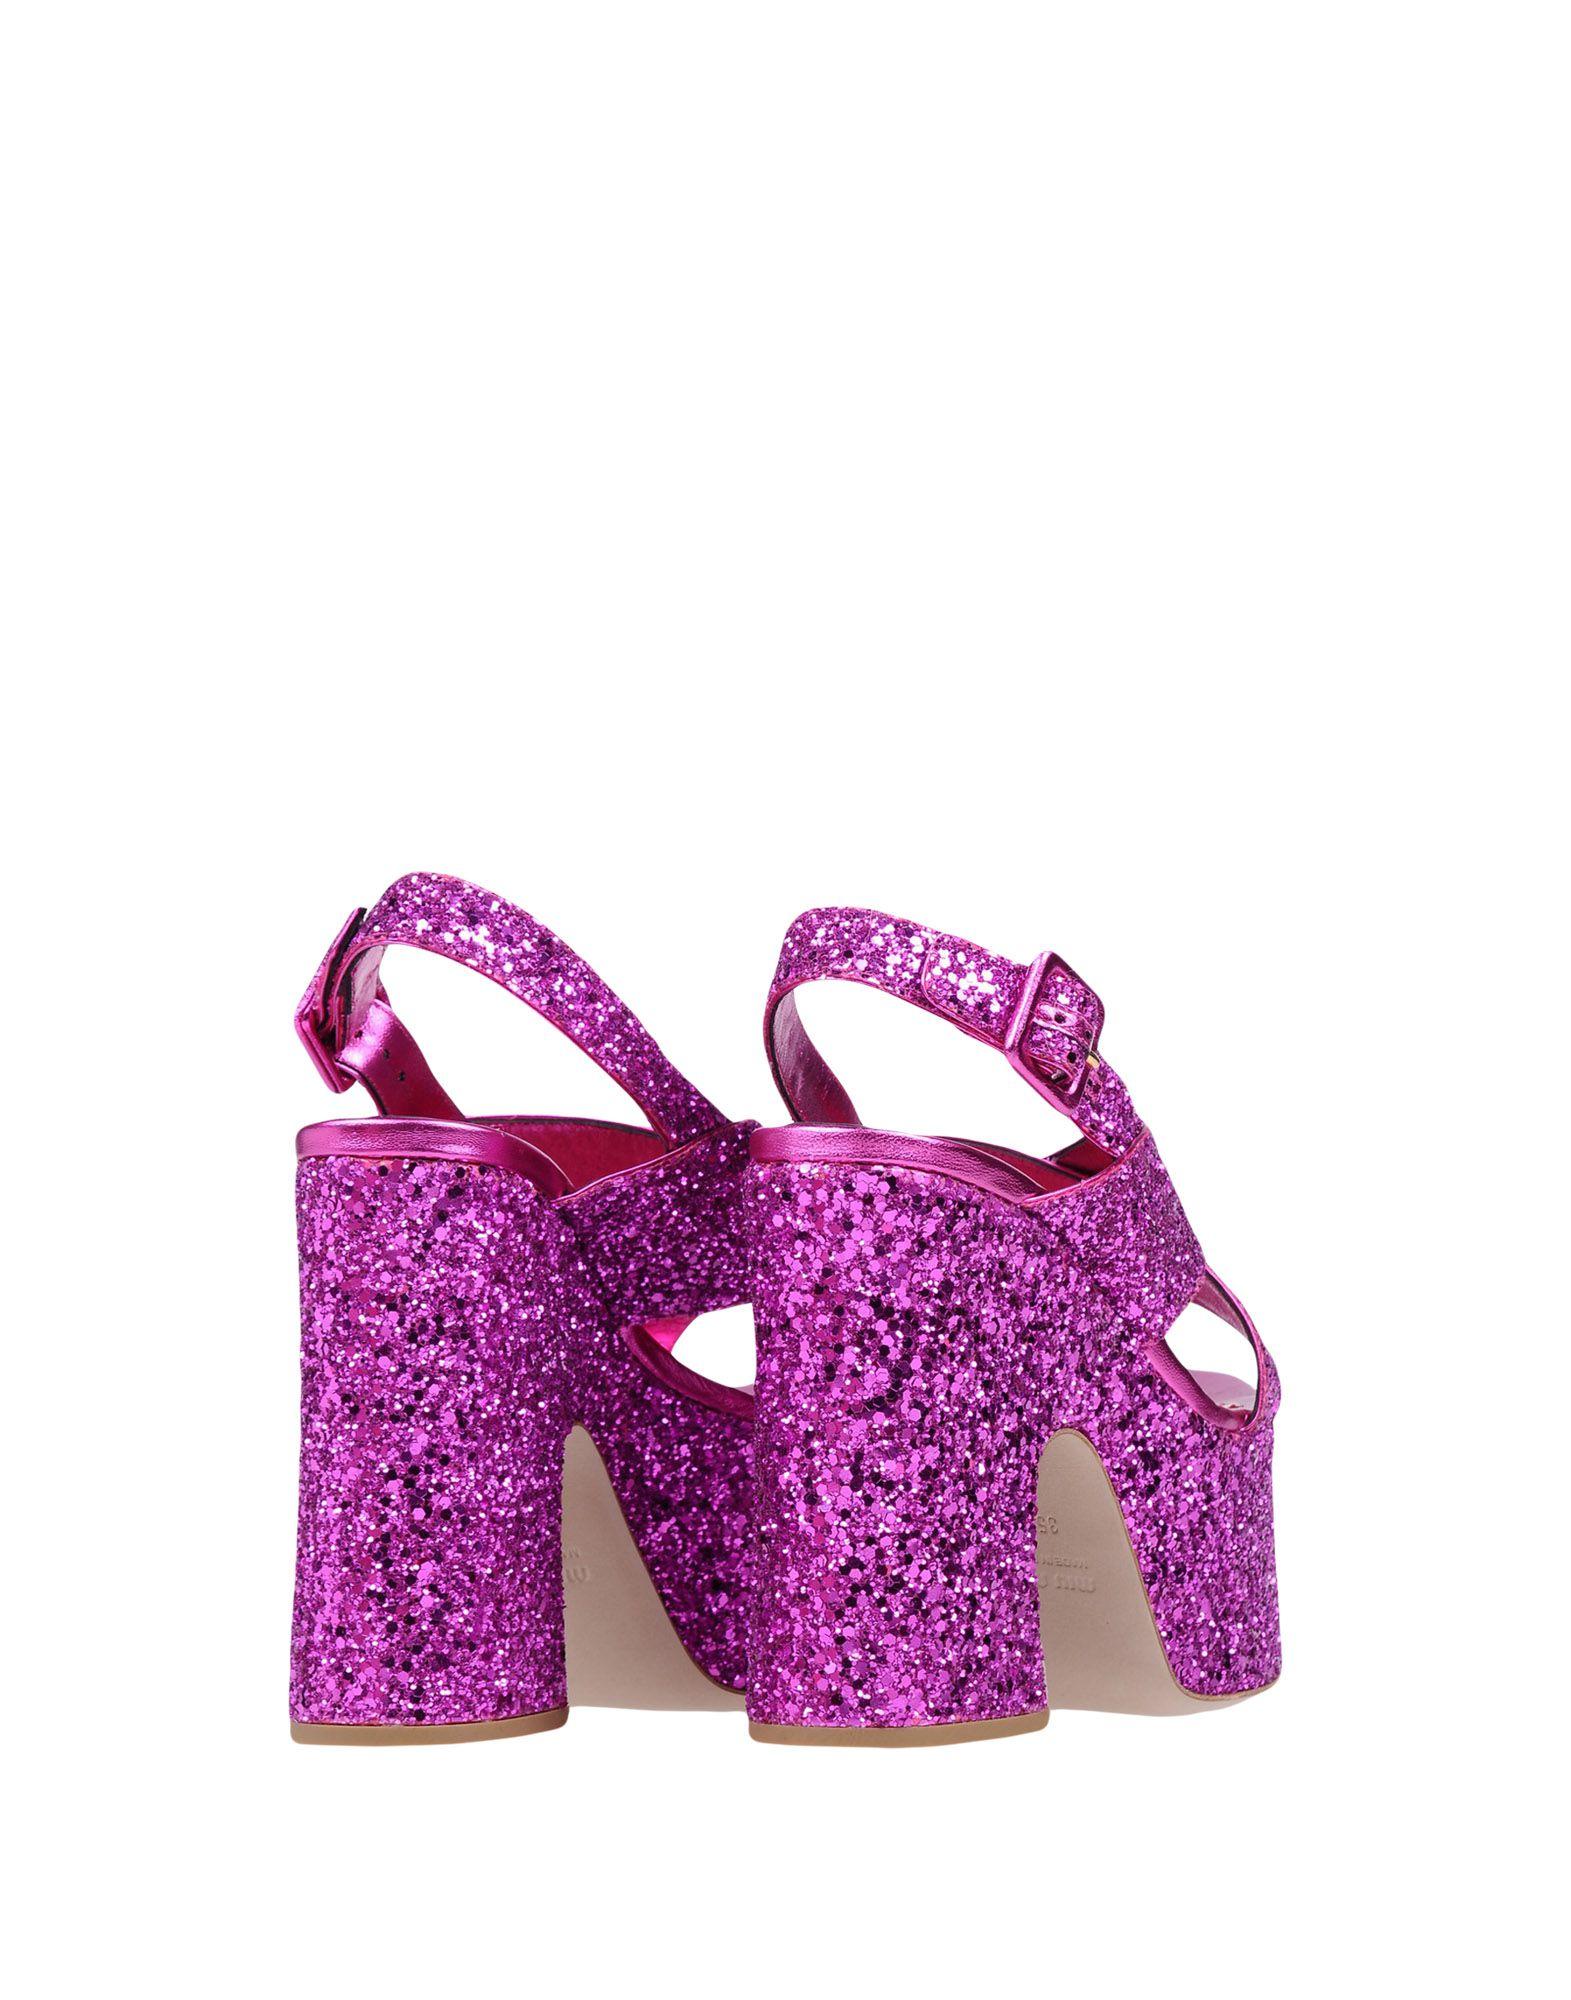 Miu Miu Sandalen Damen  Schuhe 11494969MD Beliebte Schuhe  502d5f